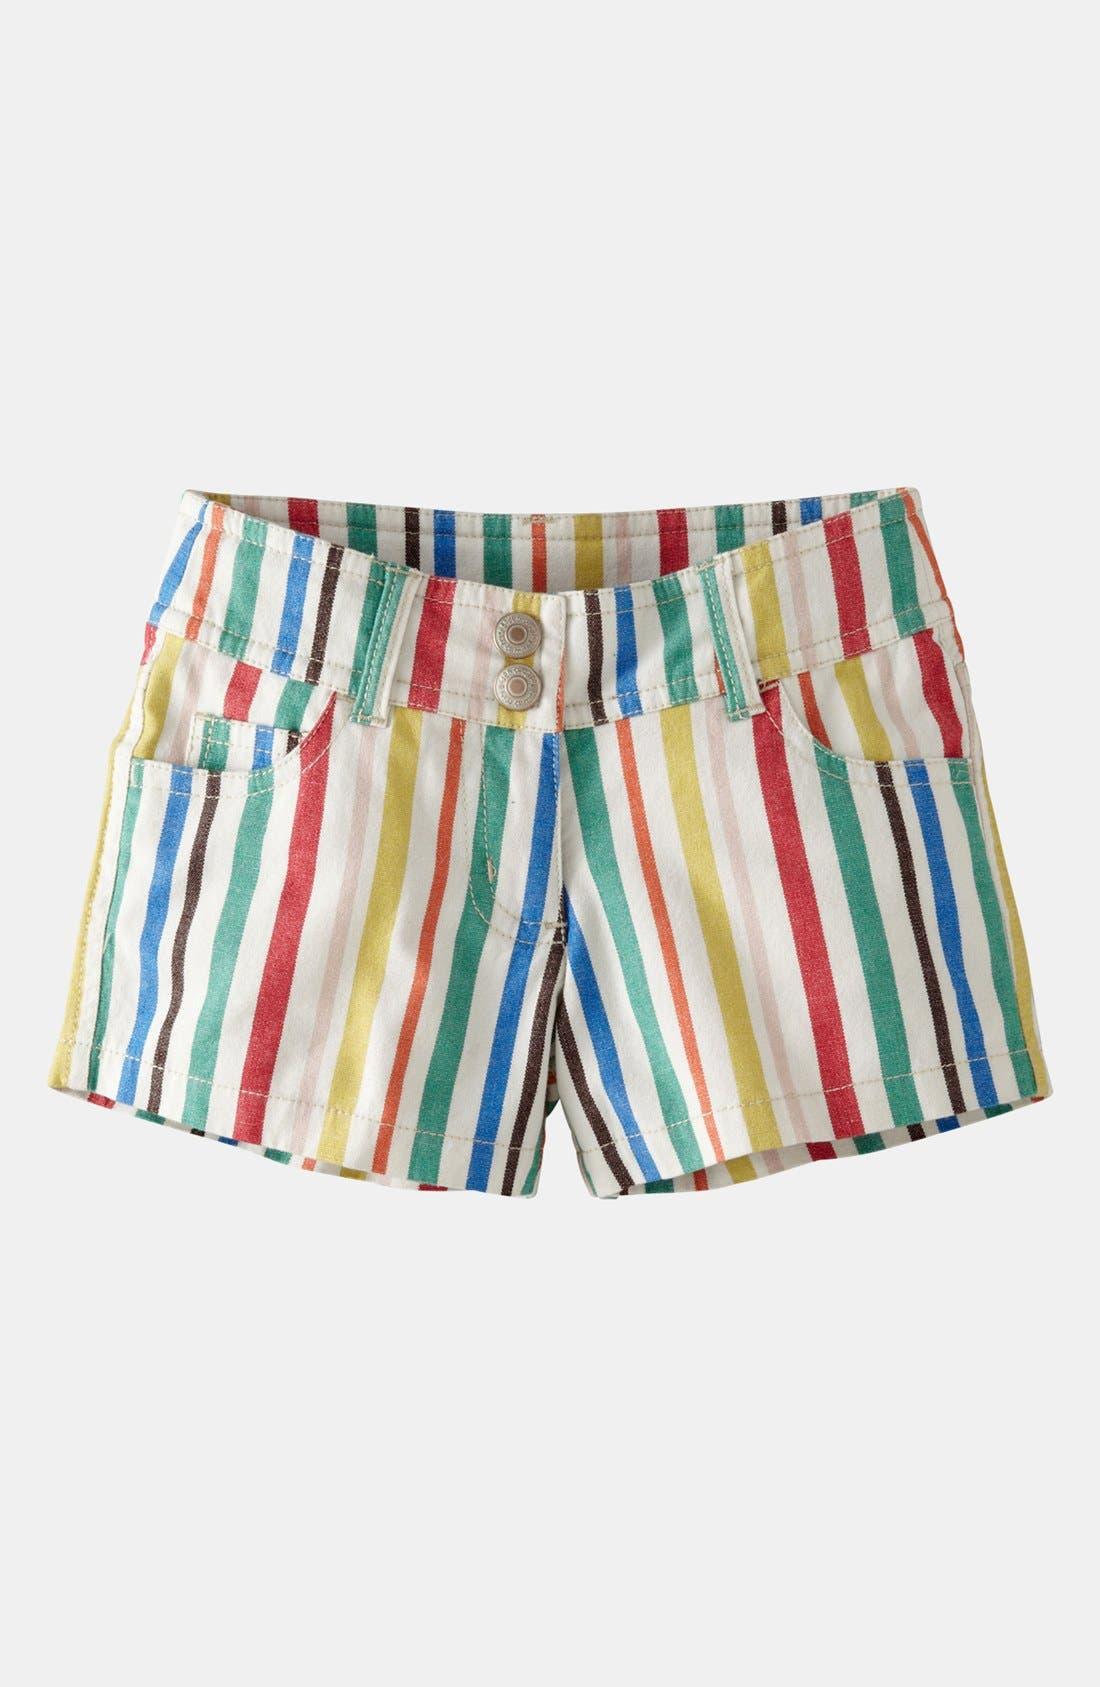 Alternate Image 1 Selected - Mini Boden 'Heart Pocket' Denim Shorts (Little Girls & Big Girls)